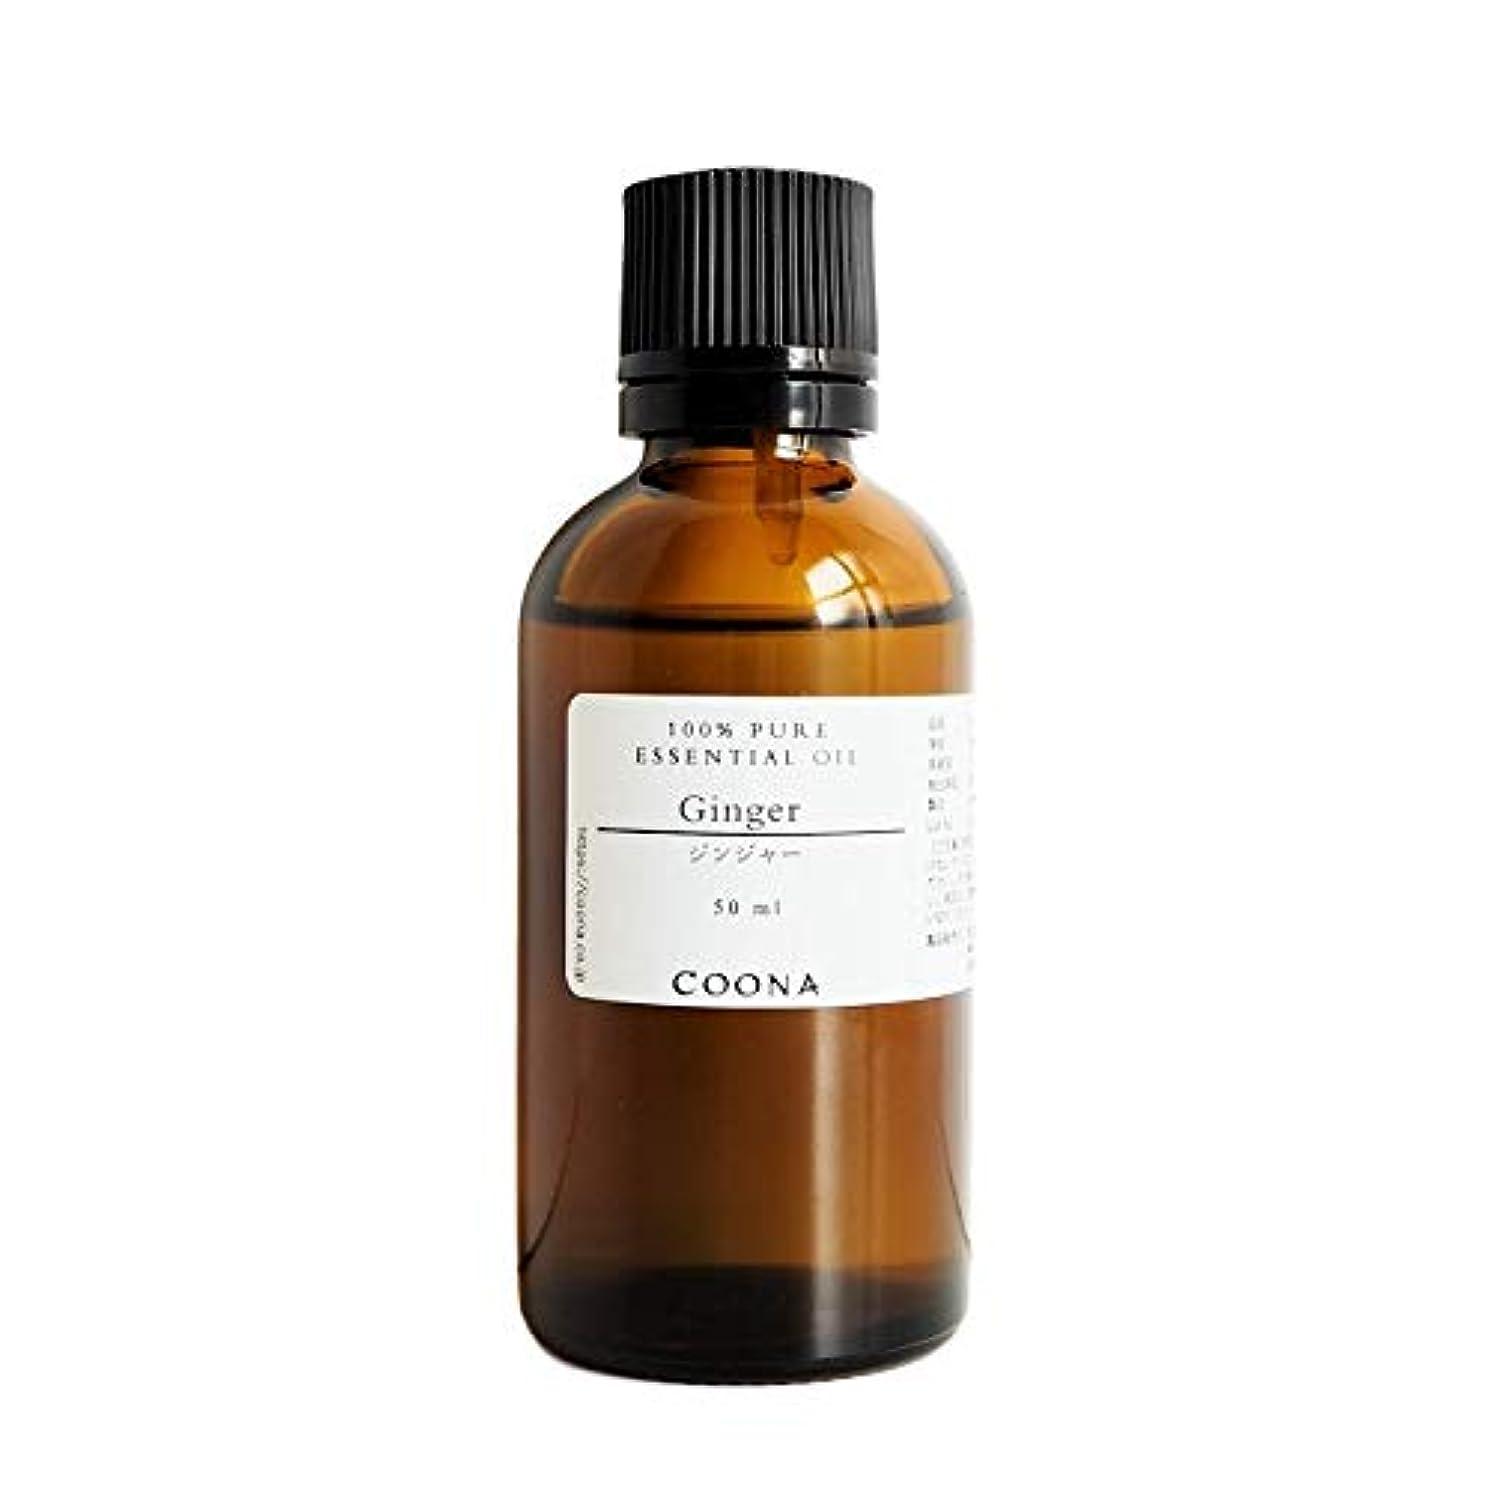 補充適応的理想的ジンジャー 50 ml (COONA エッセンシャルオイル アロマオイル 100% 天然植物精油)